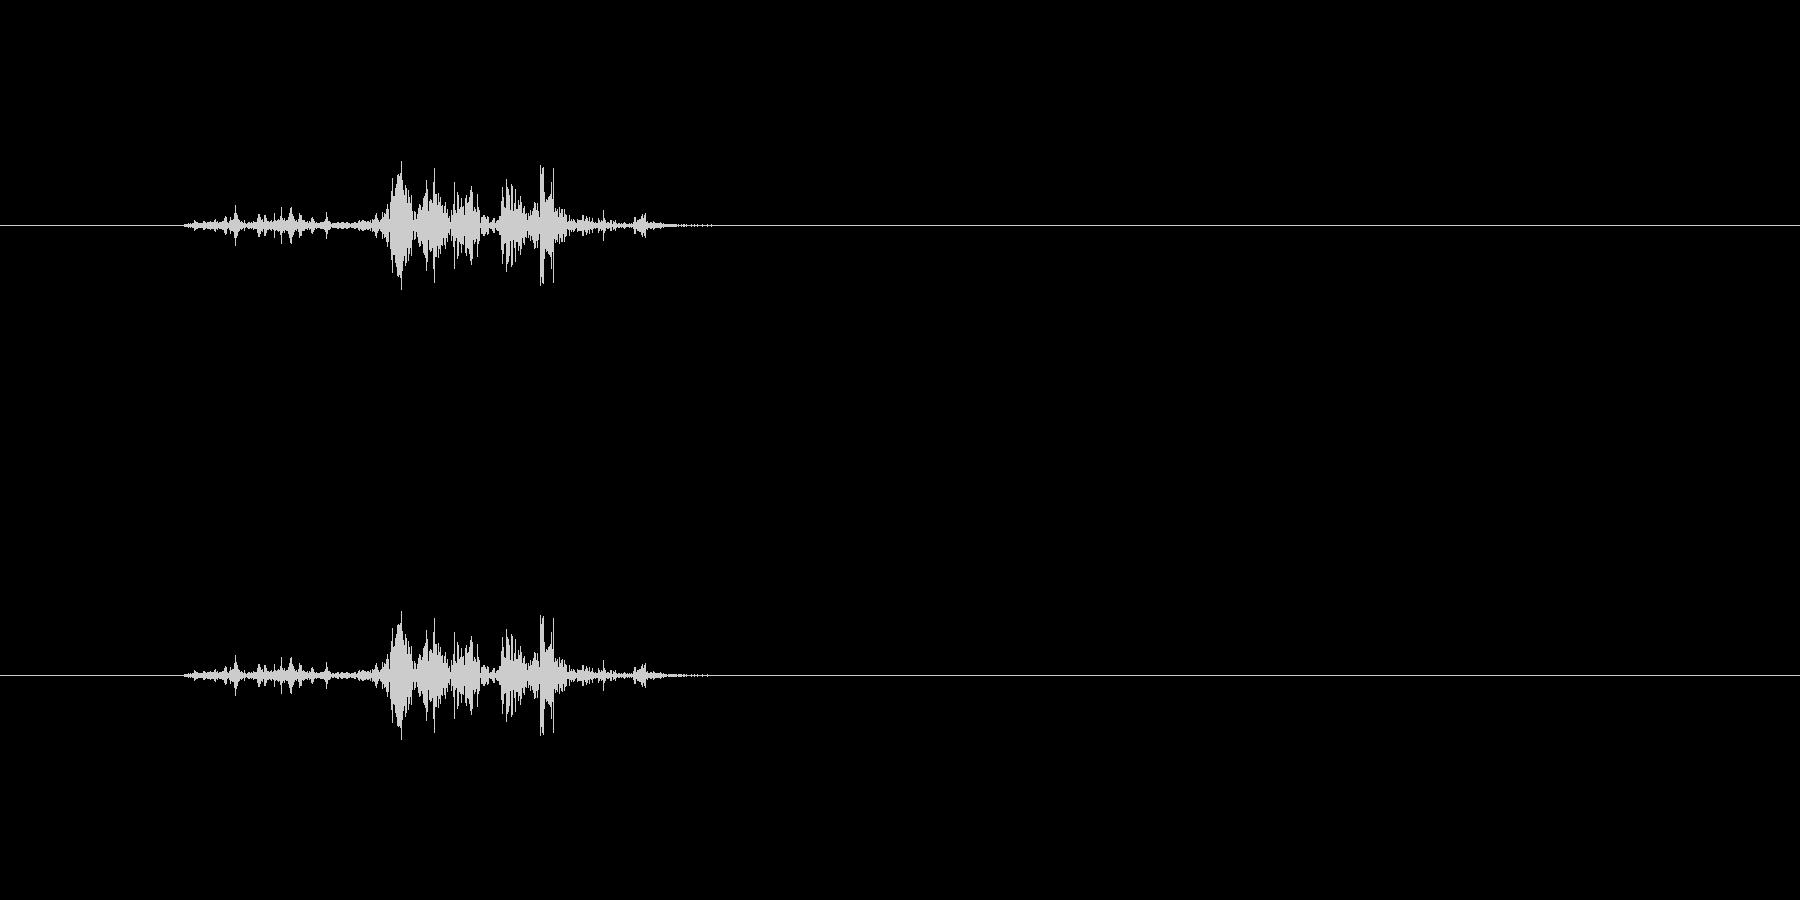 【本03-7(パラパラ)】の未再生の波形